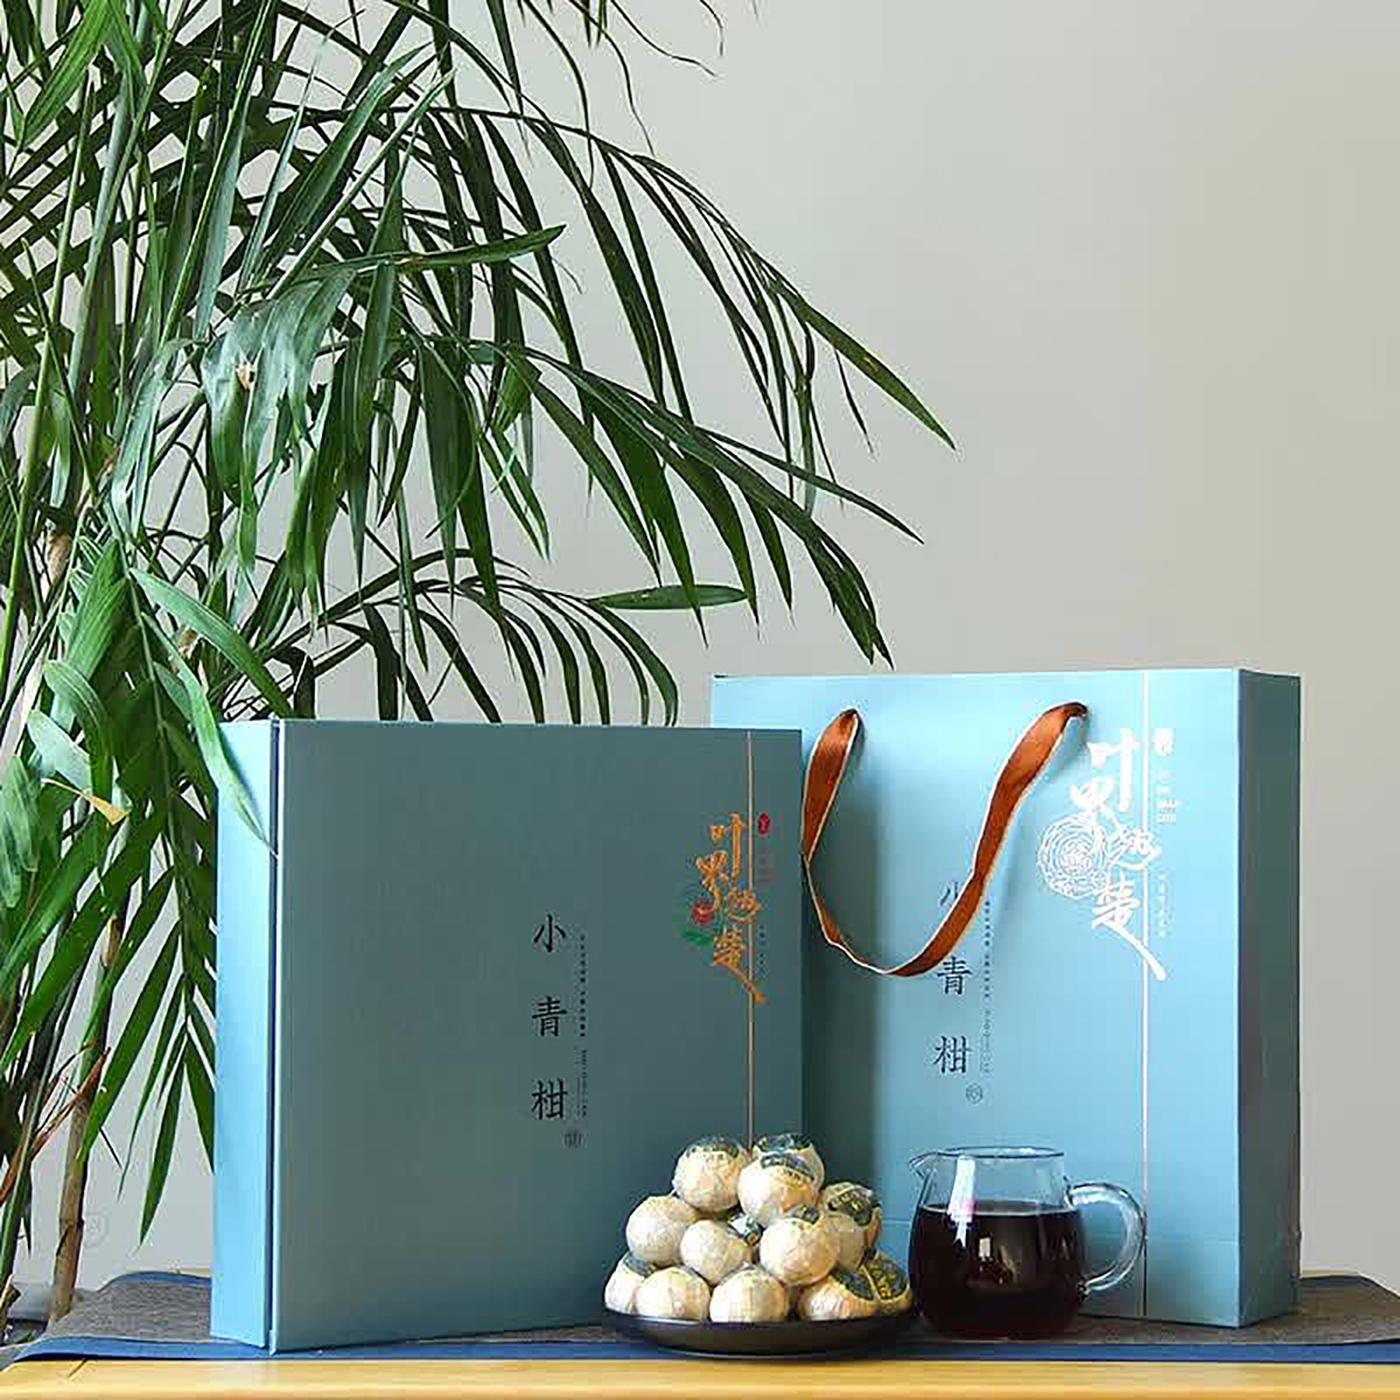 小青柑茶叶包装设计,顶级红茶叶包装设计